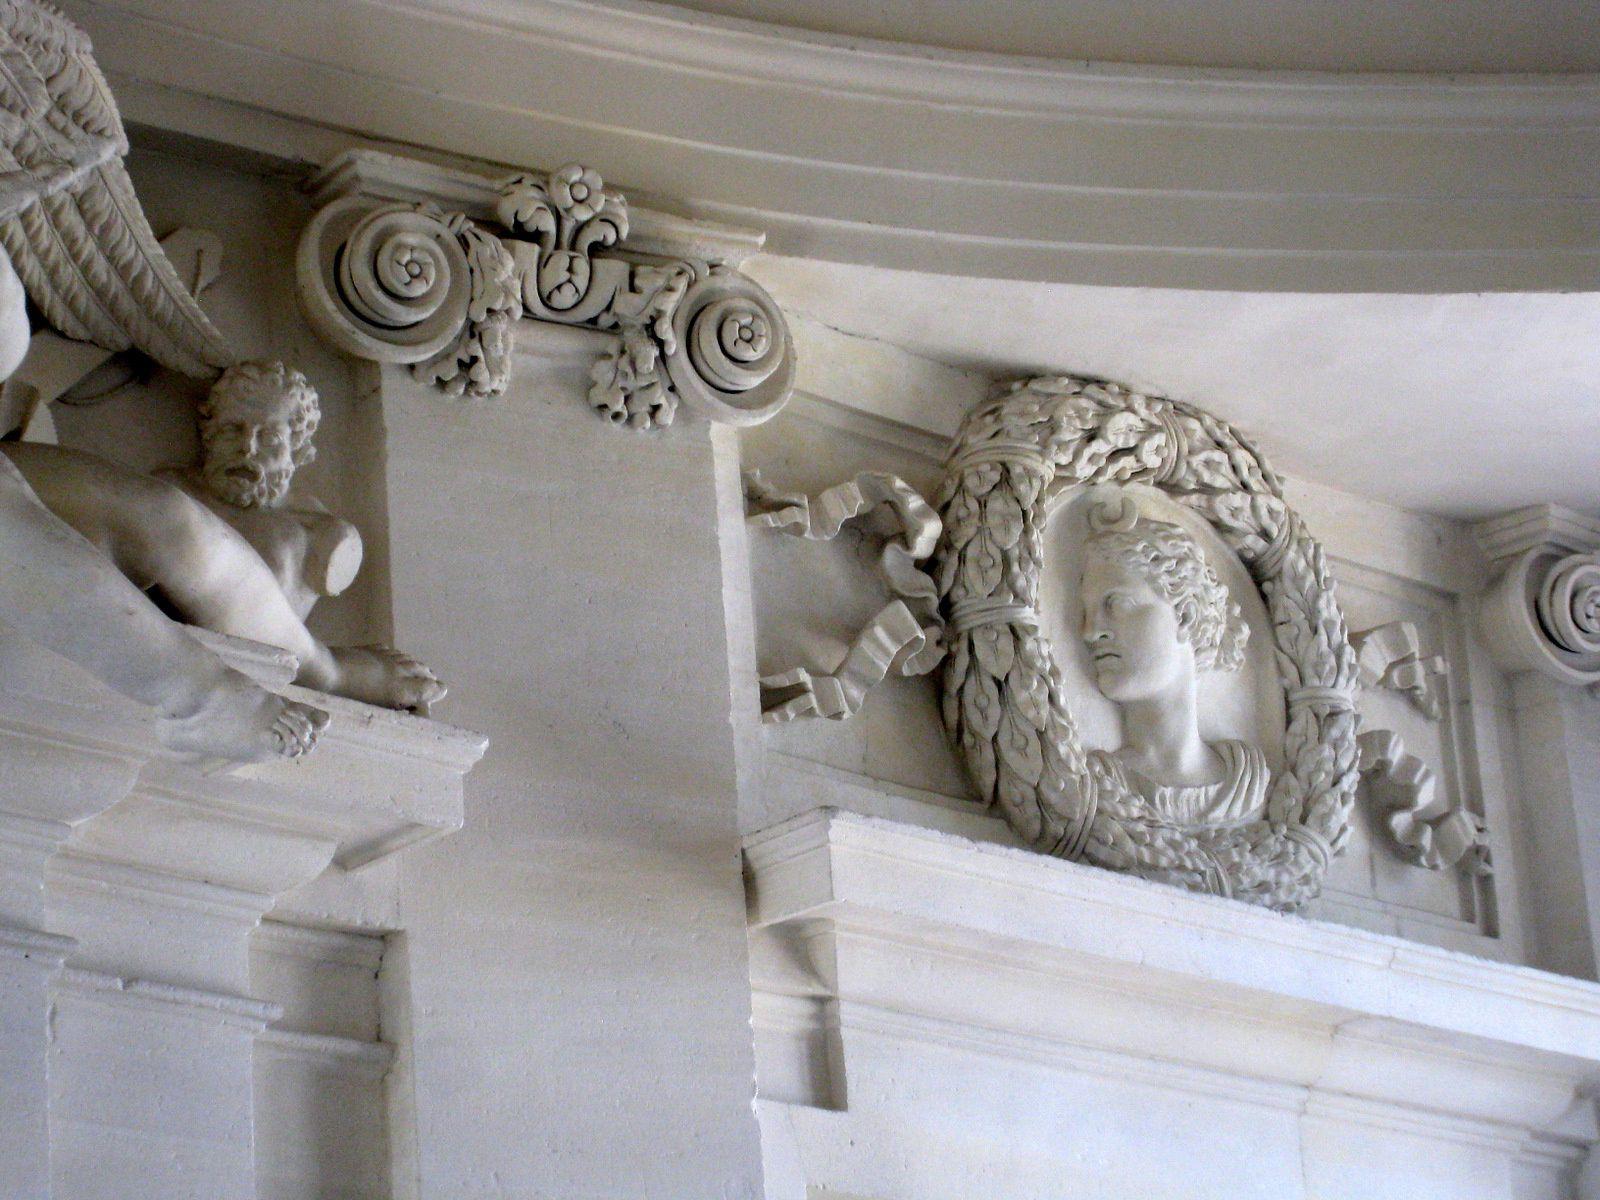 Porte palière et sculptures murales, château de Maisons-Laffitte